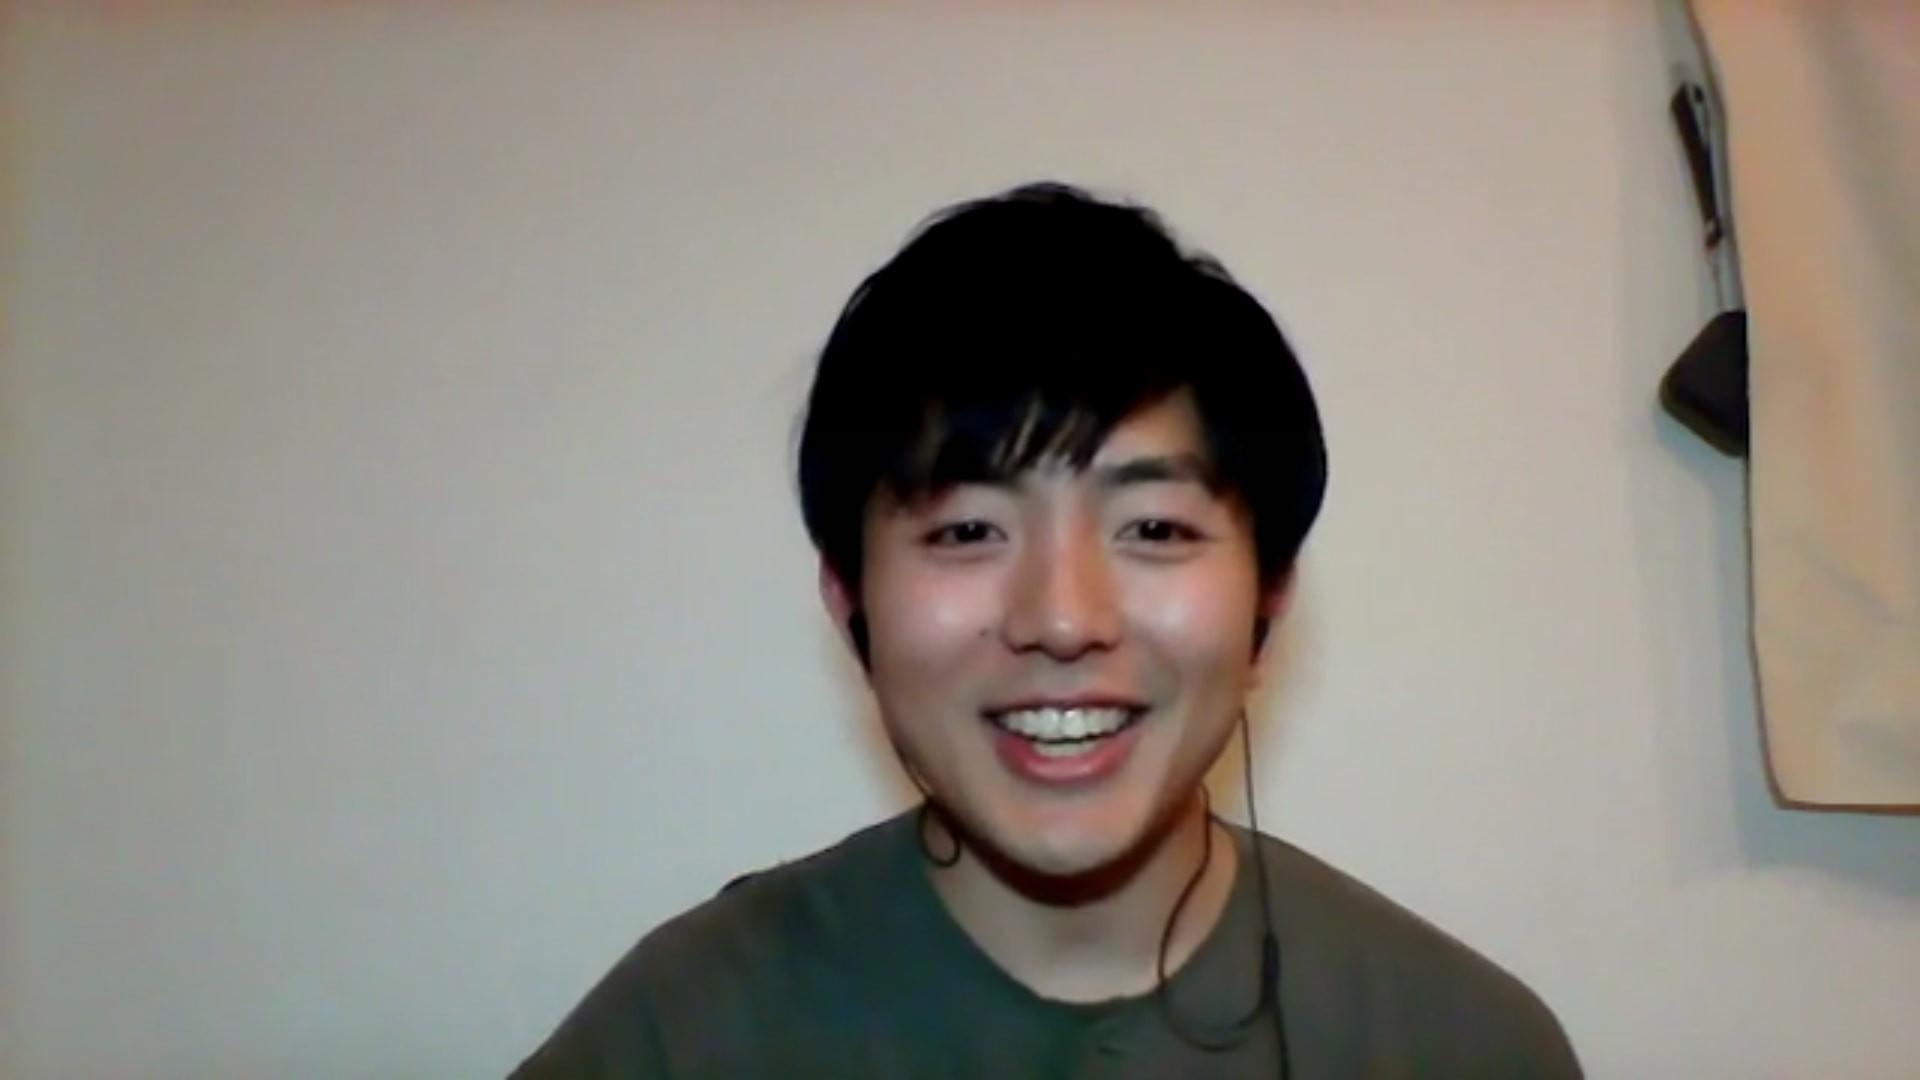 Anh chàng Nhật Bản mặt bụ, cười tươi như hoa khiến chị em ghen tị vì có làn da đẹp như da em bé - Ảnh 3.